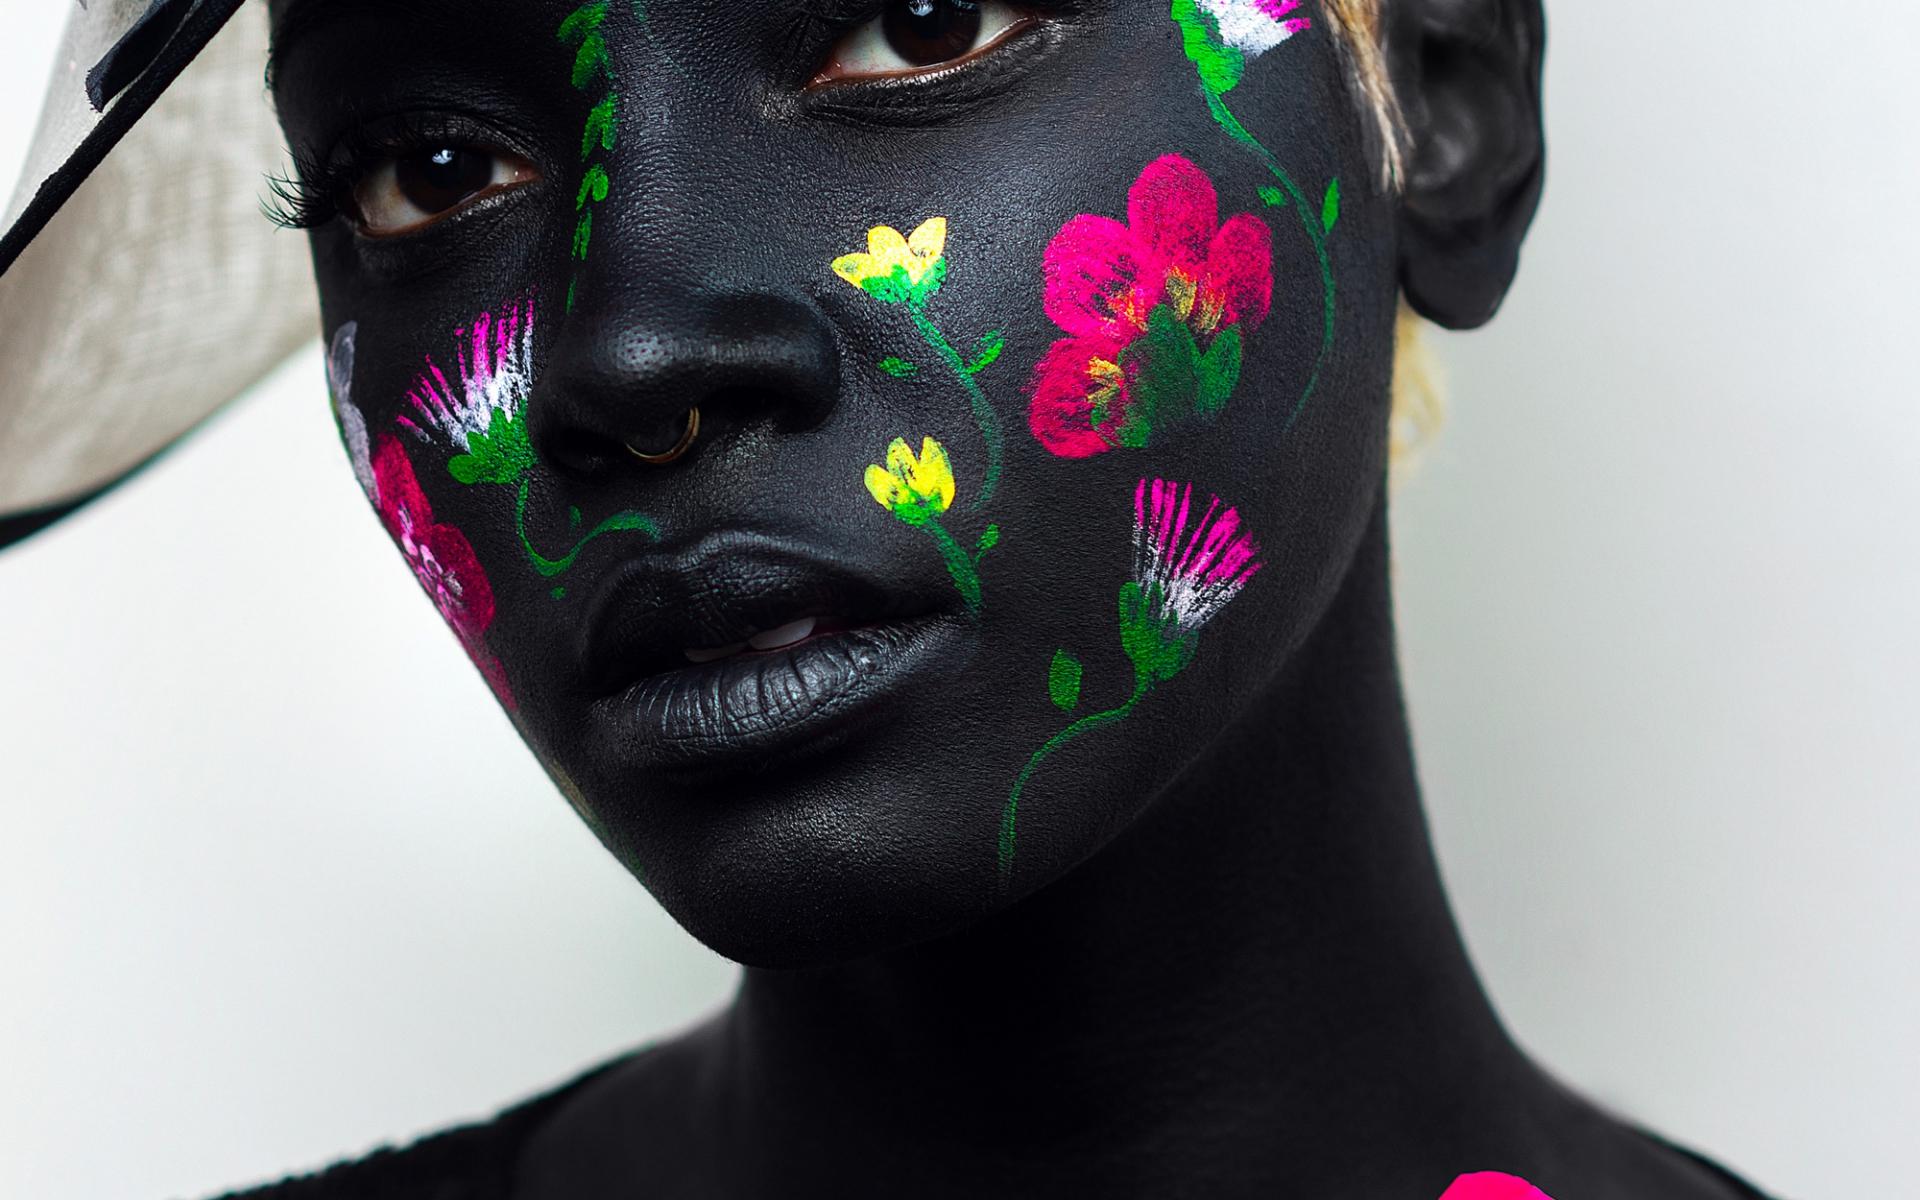 Fotógrafa captura retratos cheios de flores que celebram a beleza natural na diáspora africana